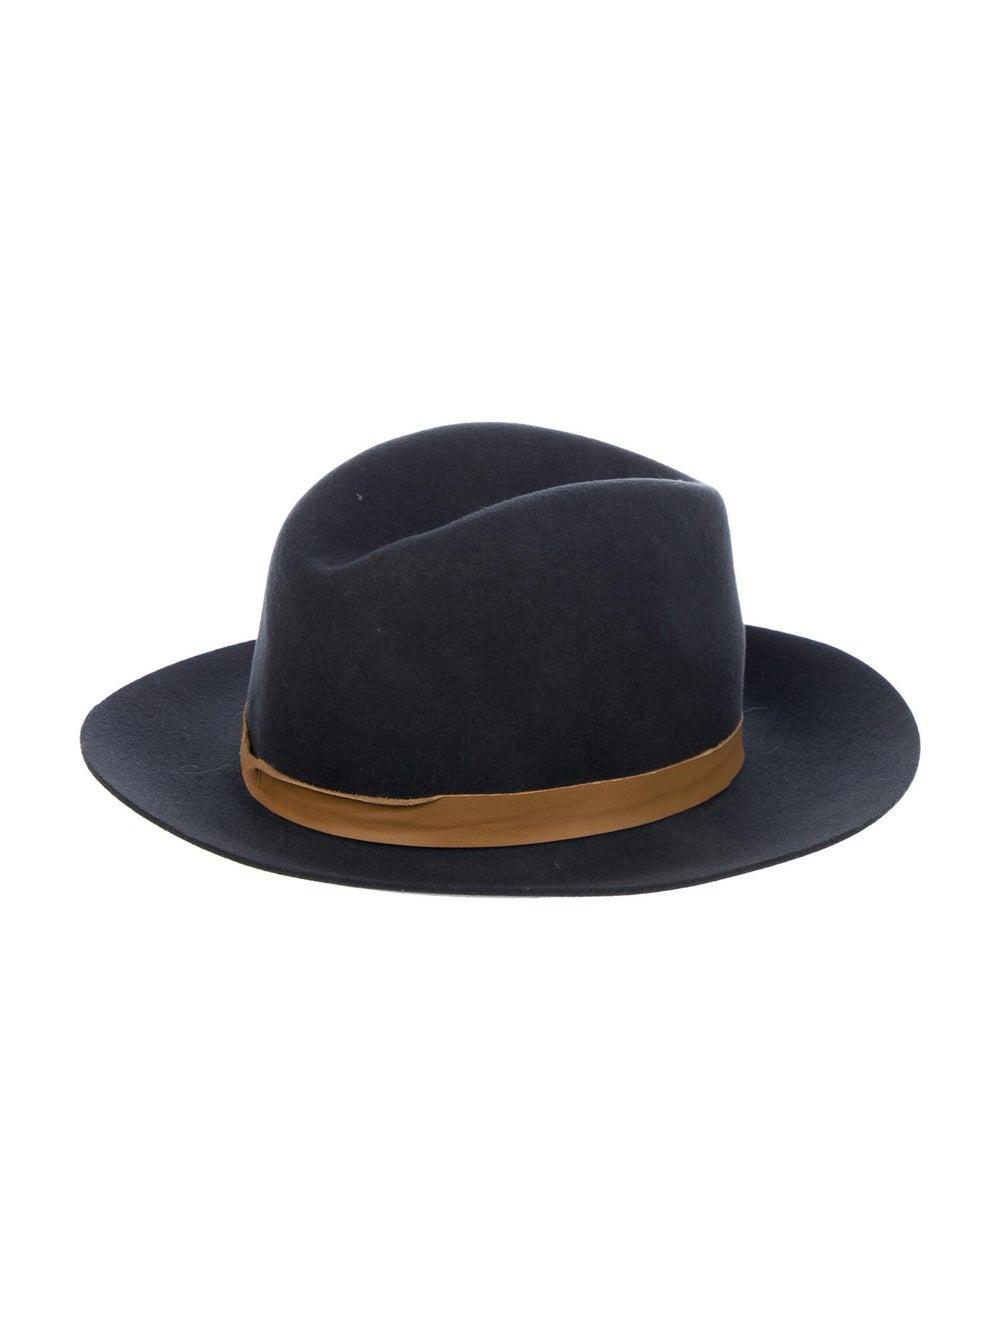 Janessa Leone Wide Brim Hat Grey - image 2